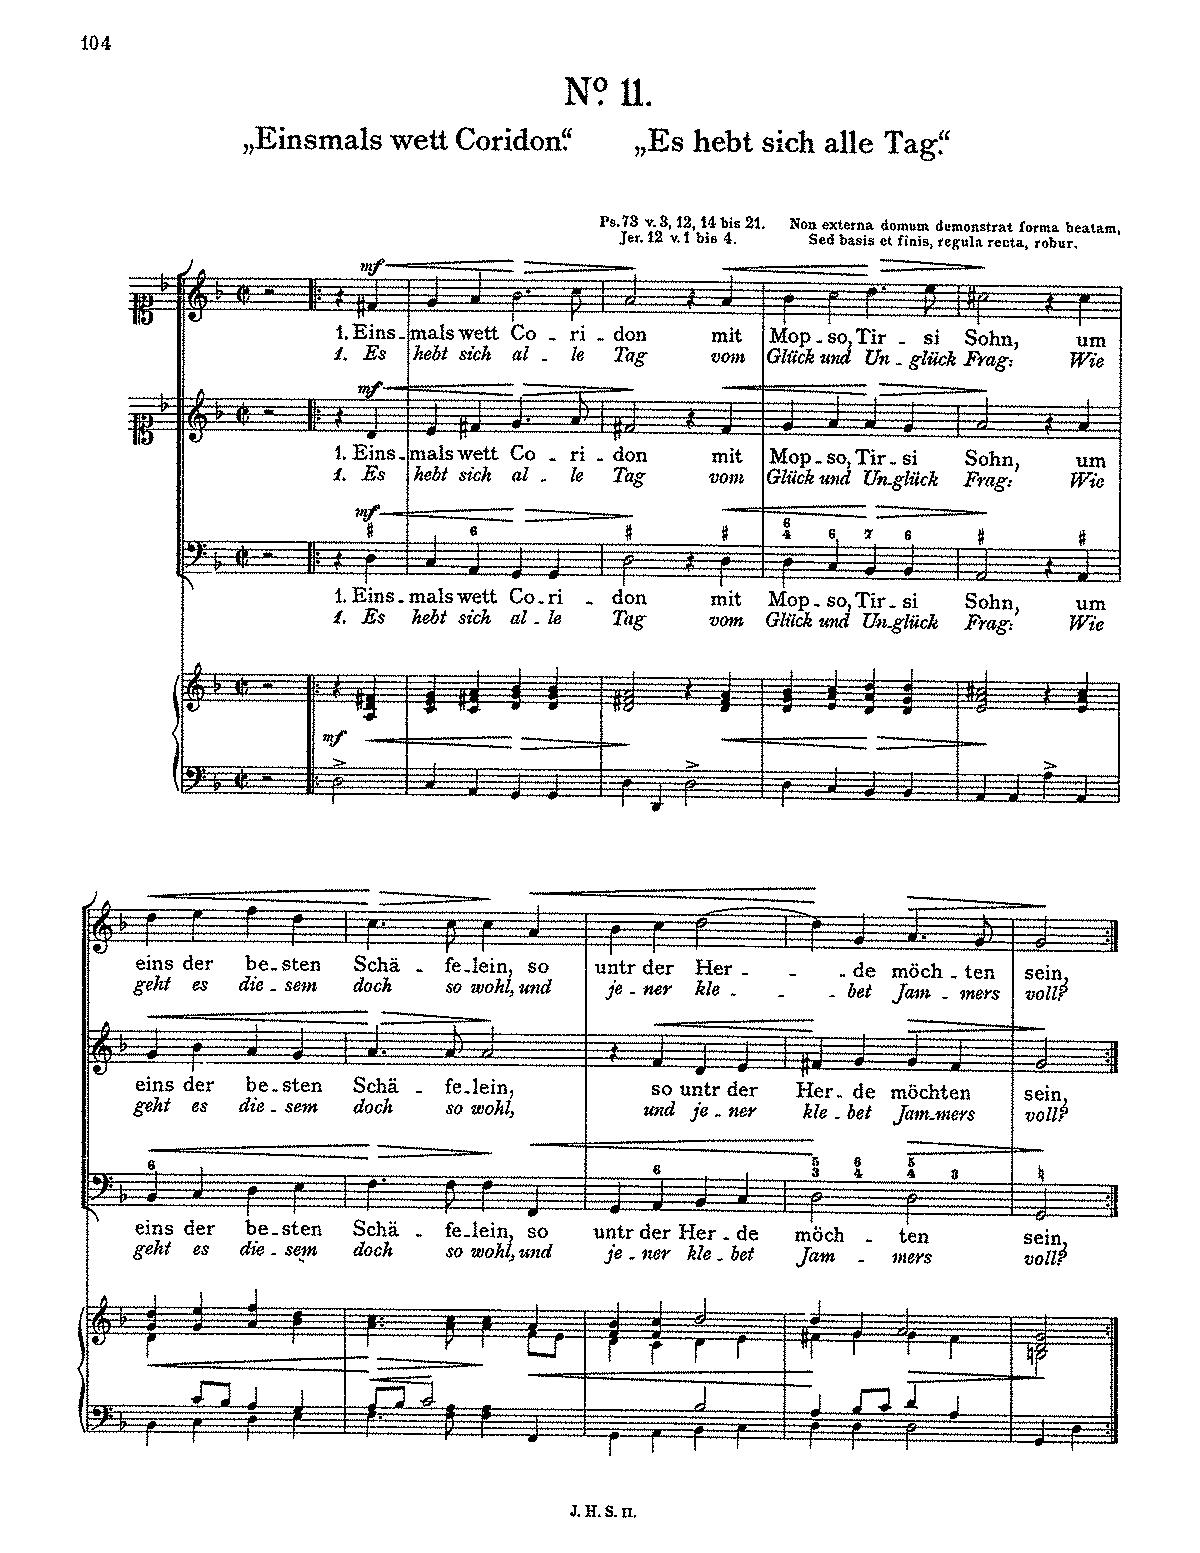 Einsmals wett Coridon (Schein, Johann Hermann) - IMSLP/Petrucci